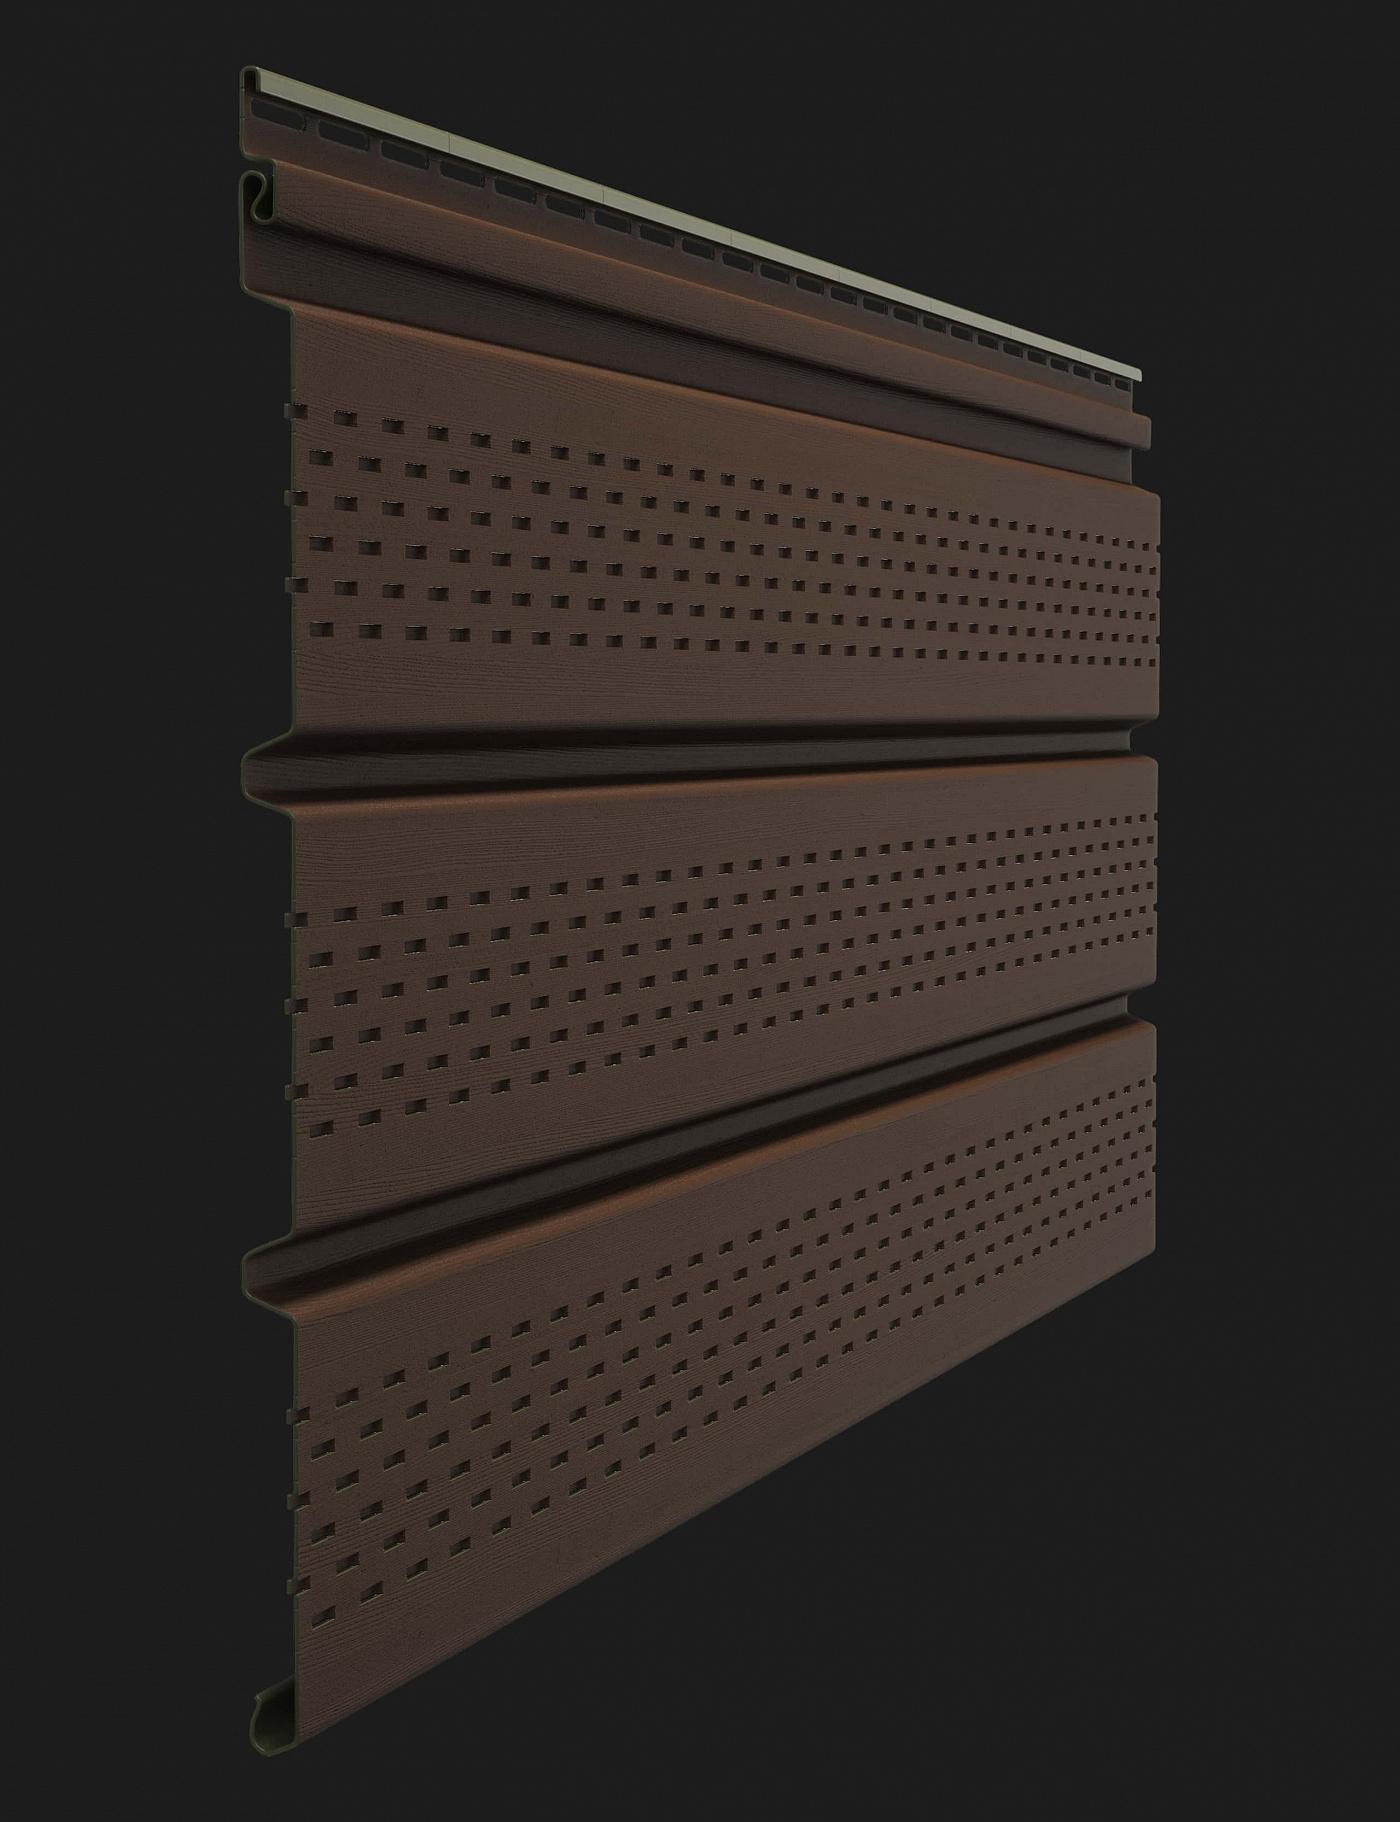 Софит виниловый Docke Premium T4 с полной перфорацией 3000 мм Каштан